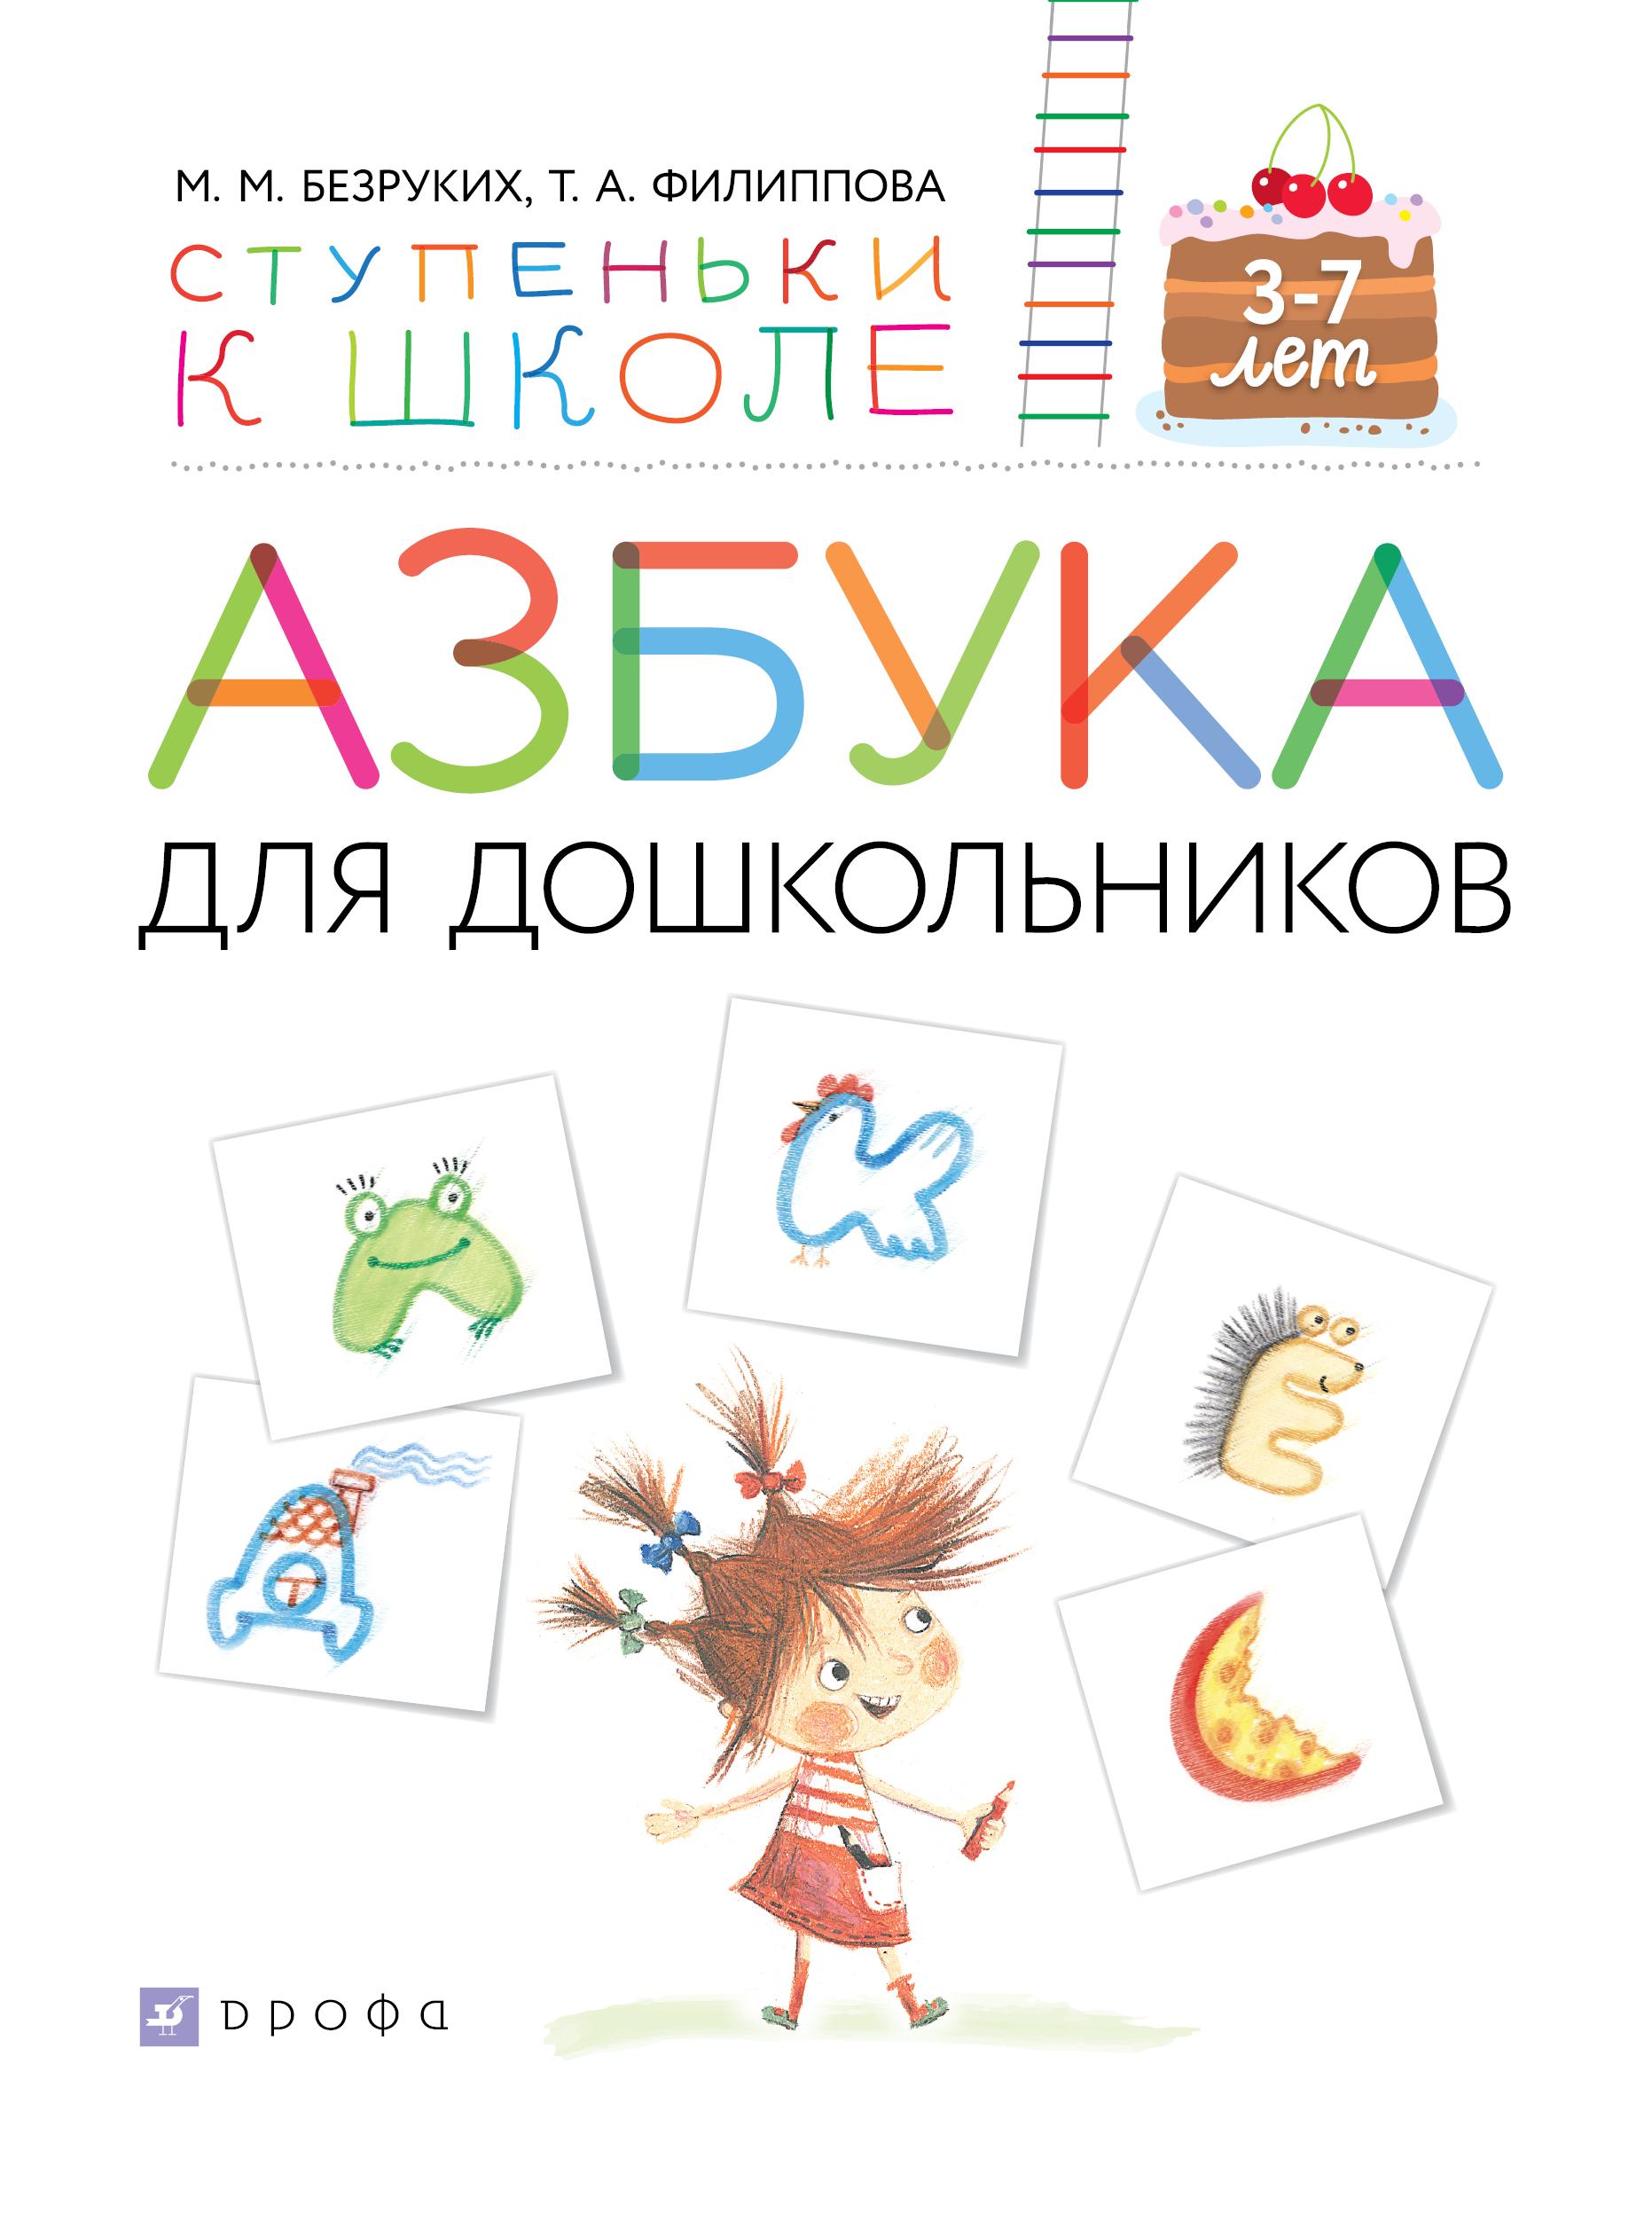 Азбука для дошкольников. Пособие для детей 3-7 лет. М. М. Безруких, Т. А. Филиппова